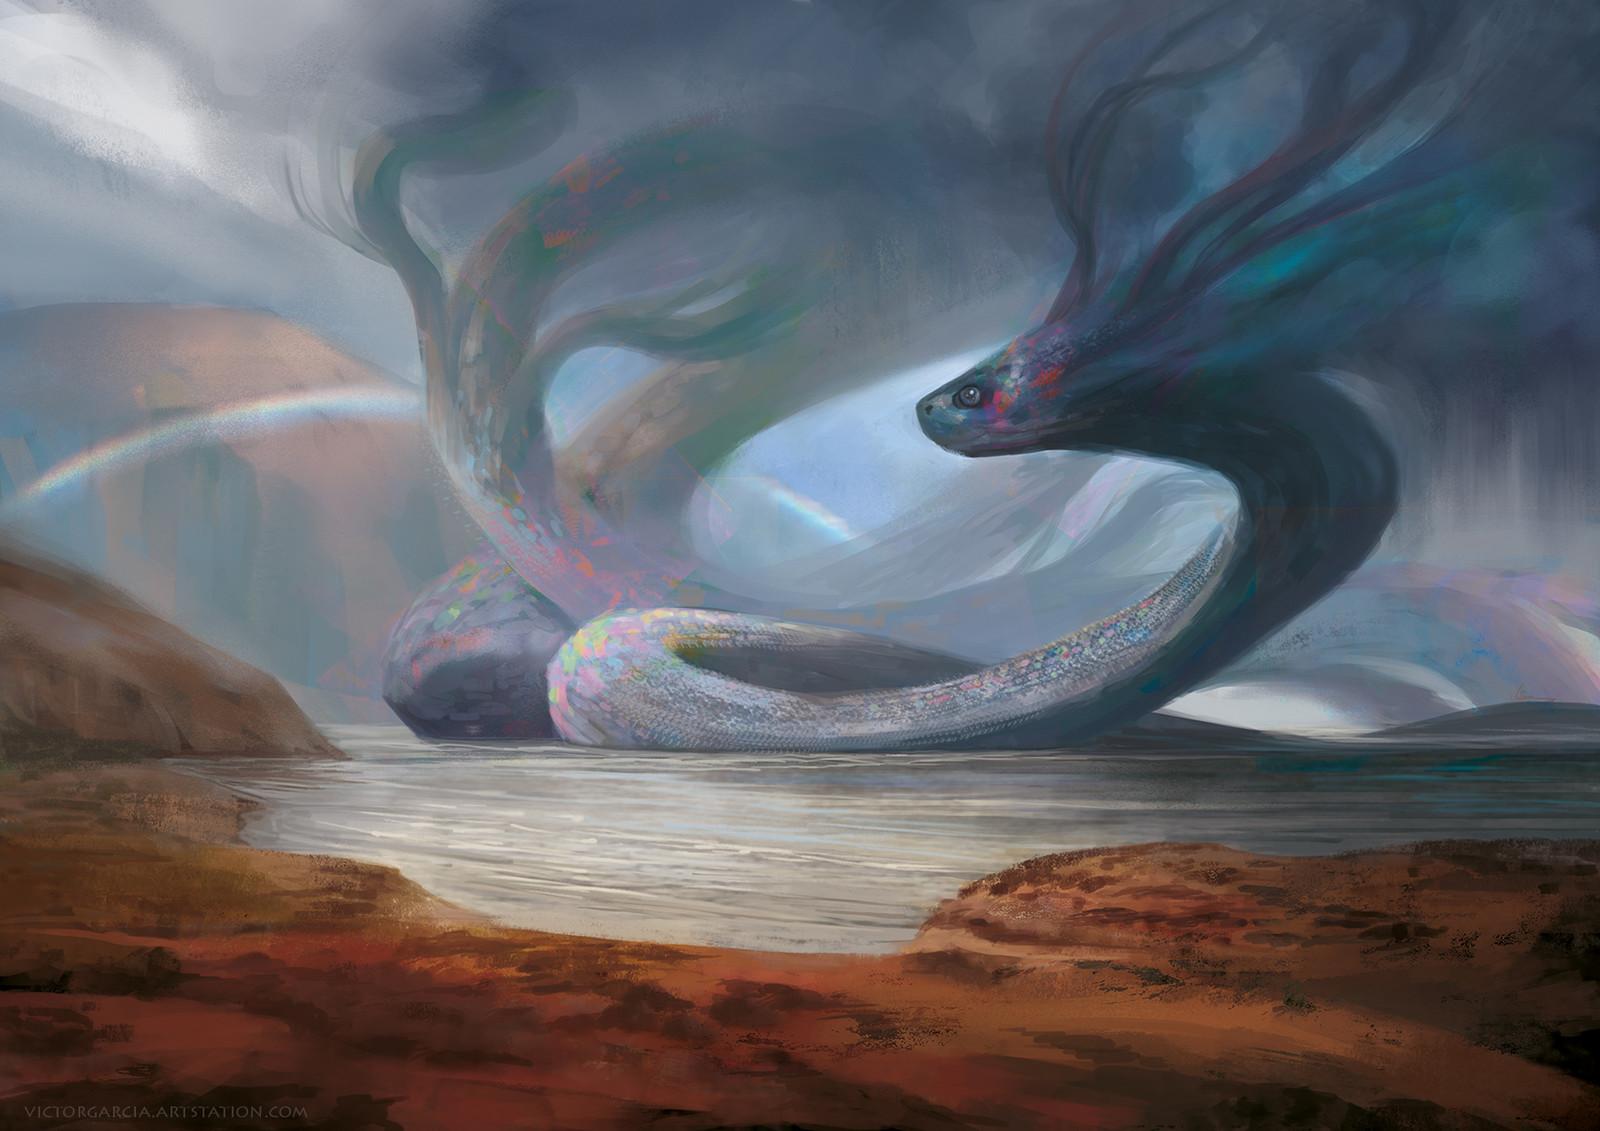 Rainbow Serpent - Australia